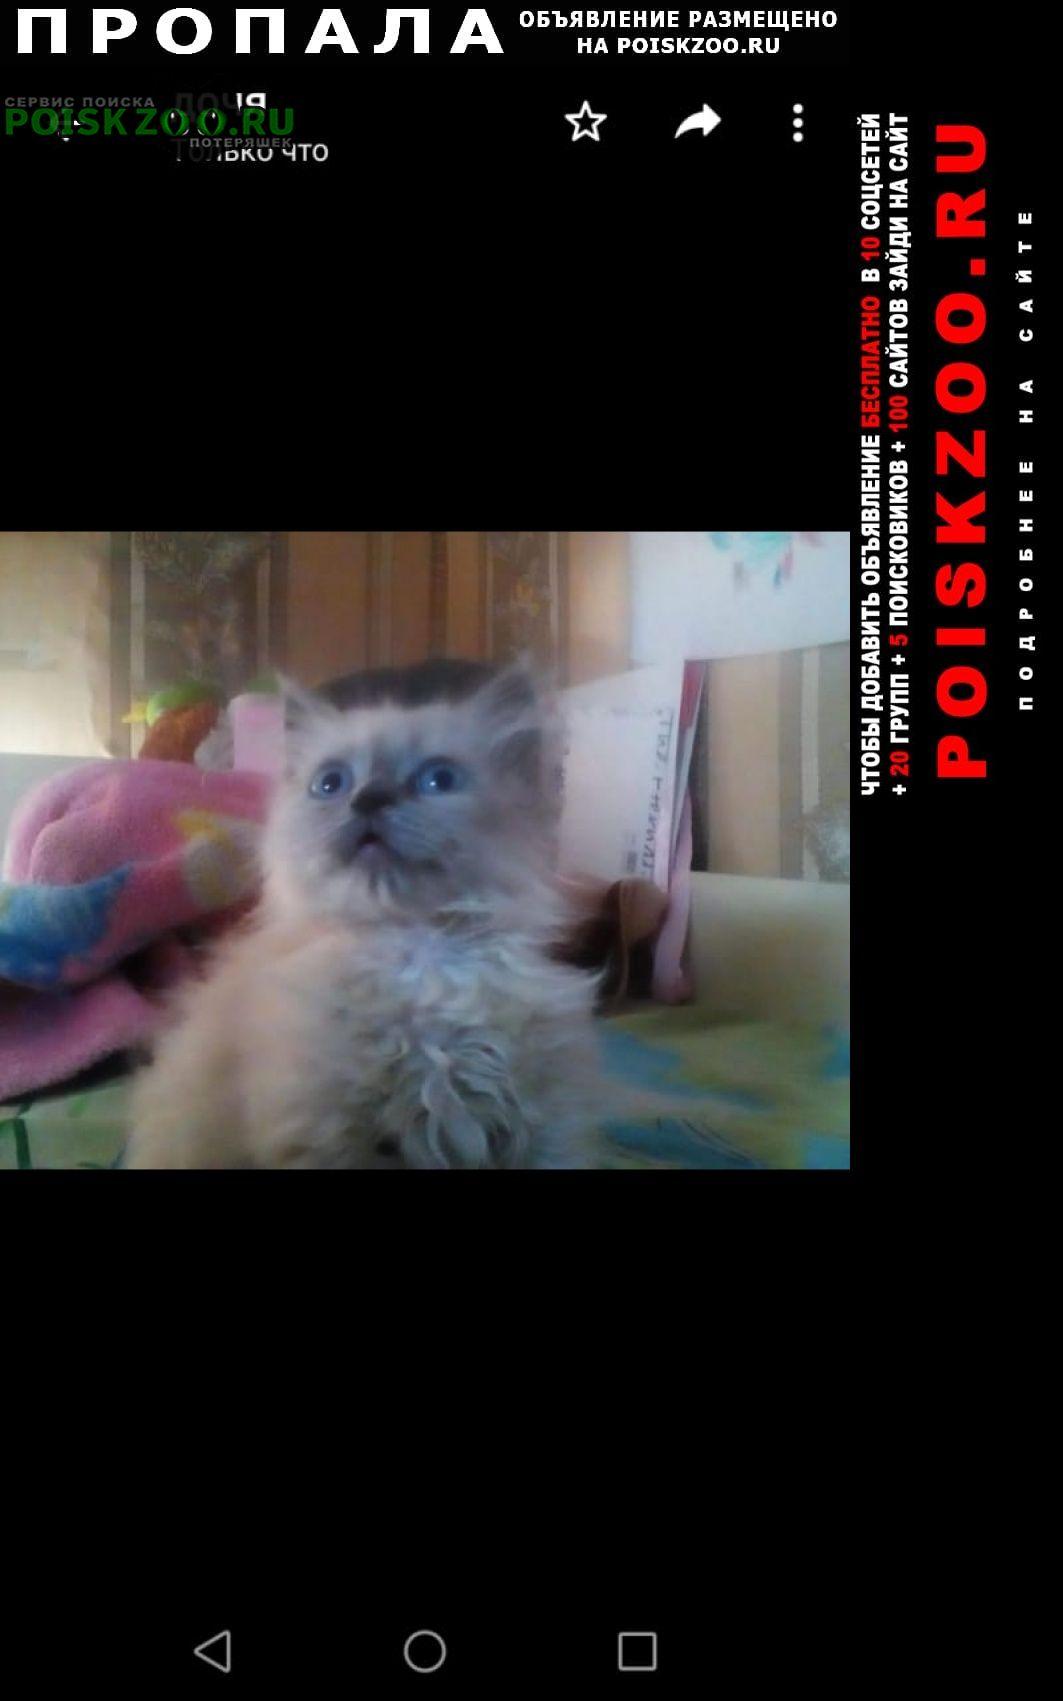 Пропала кошка котёнок 3.мес Черкесск Карачаево-Черкесская Республика